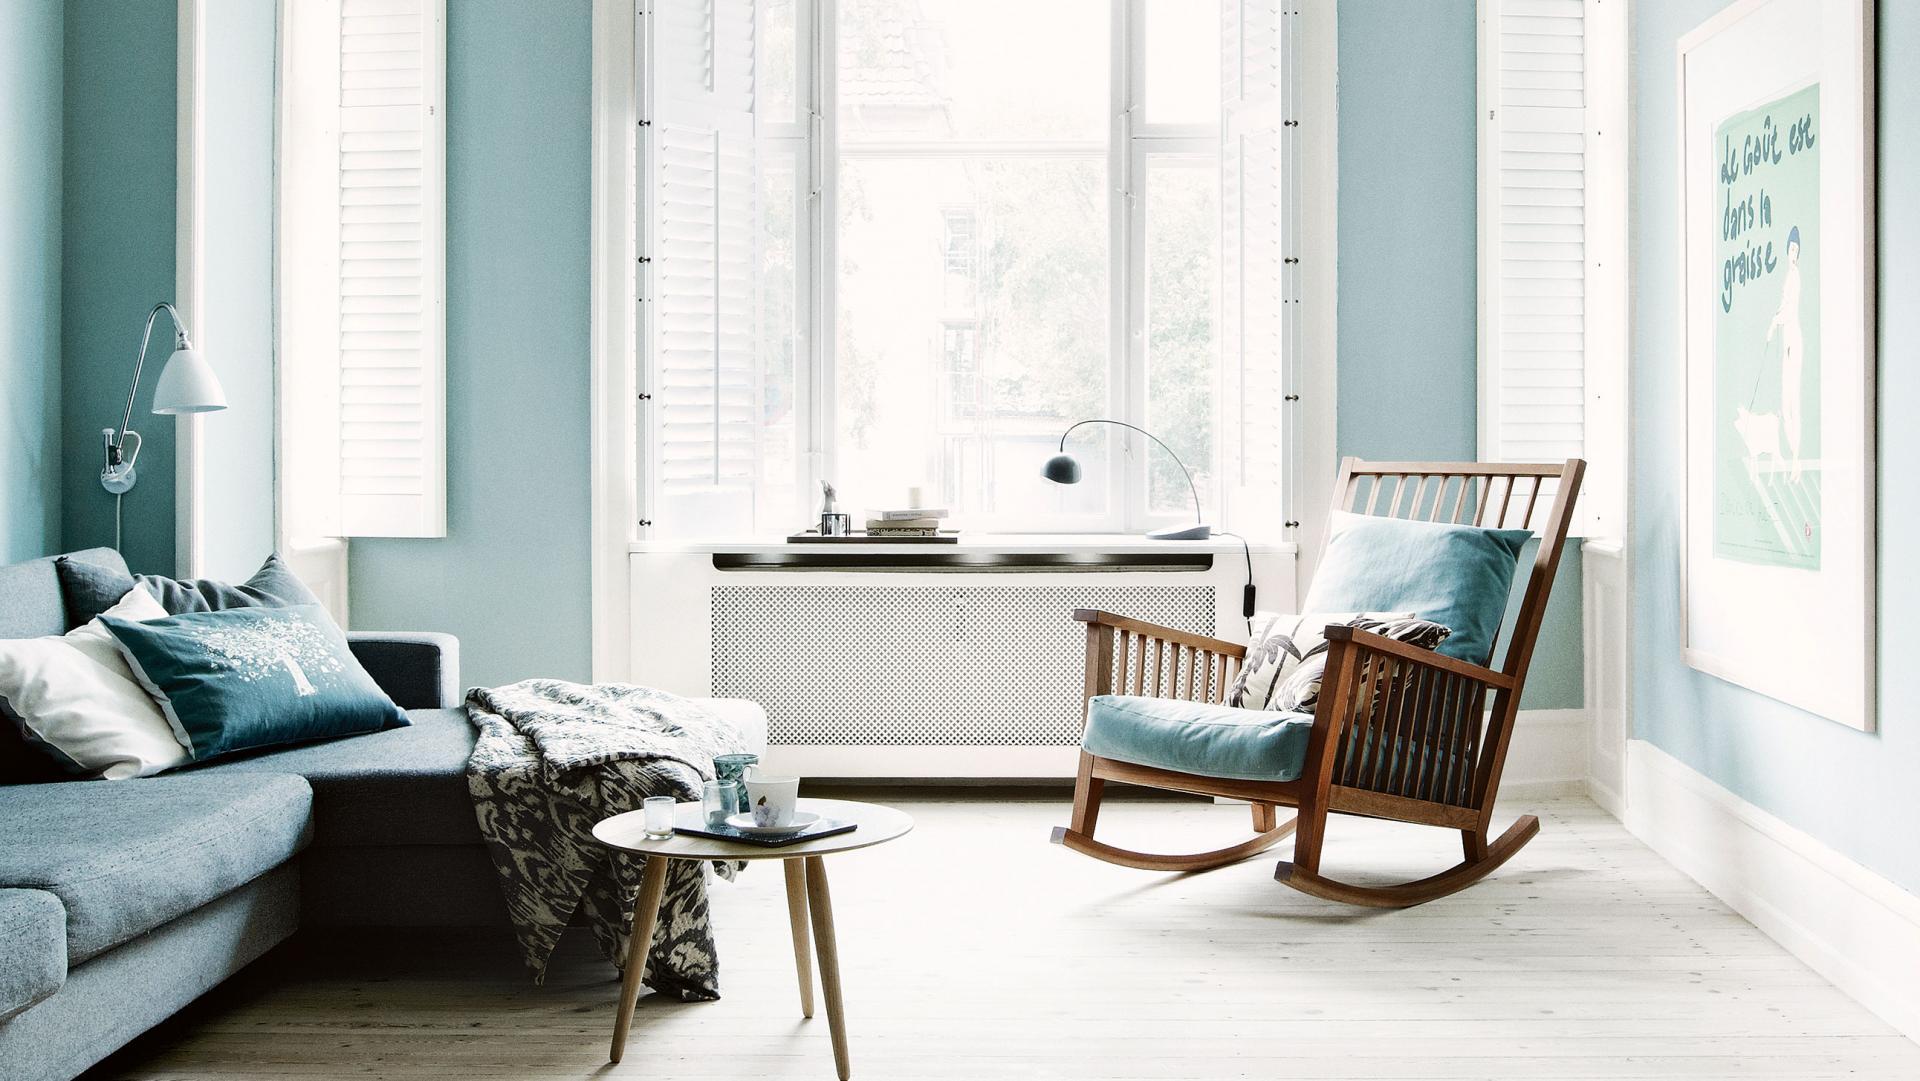 Deense Design Keukens : Deense woning vol met zachtblauwe tinten ...